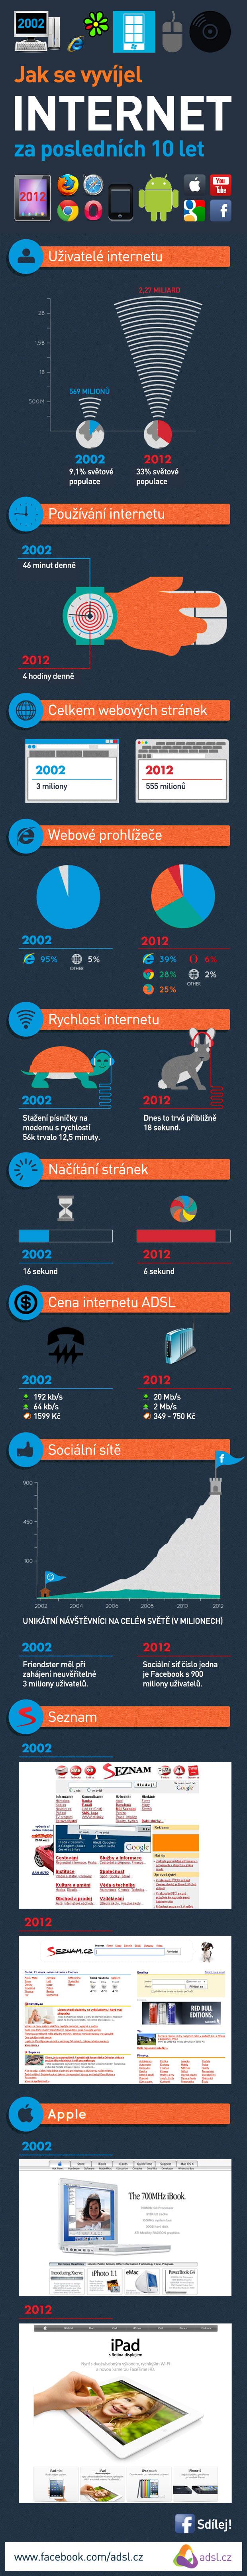 Vývoj internetu za posledních 10 let